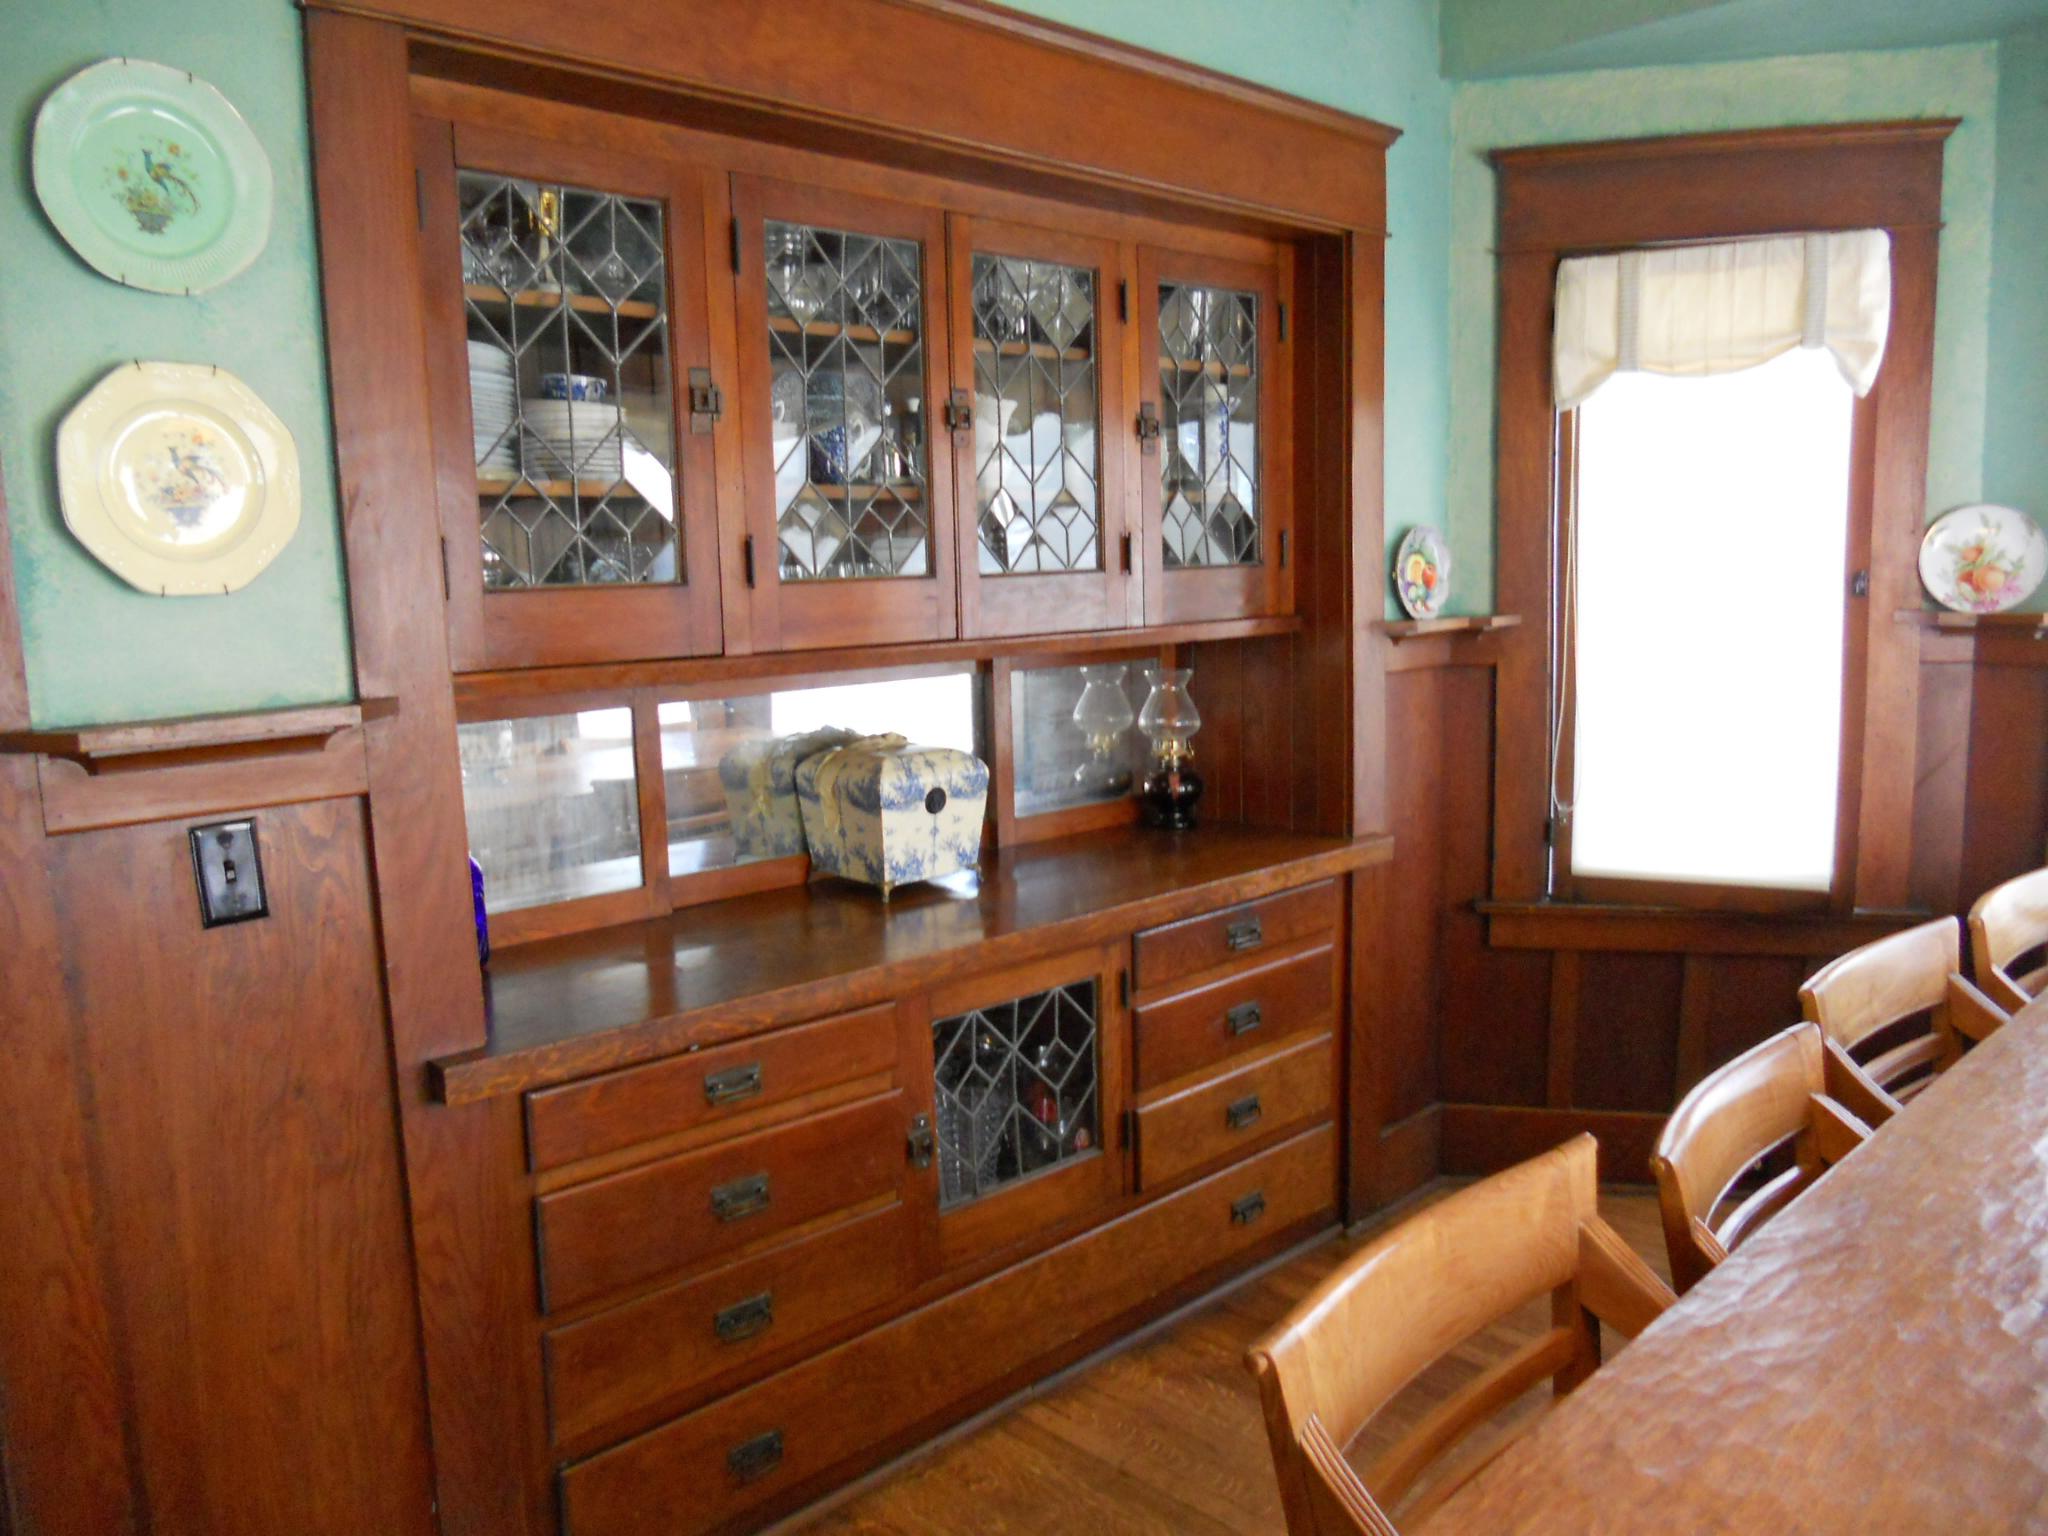 Formal dining room original built-in hutch!